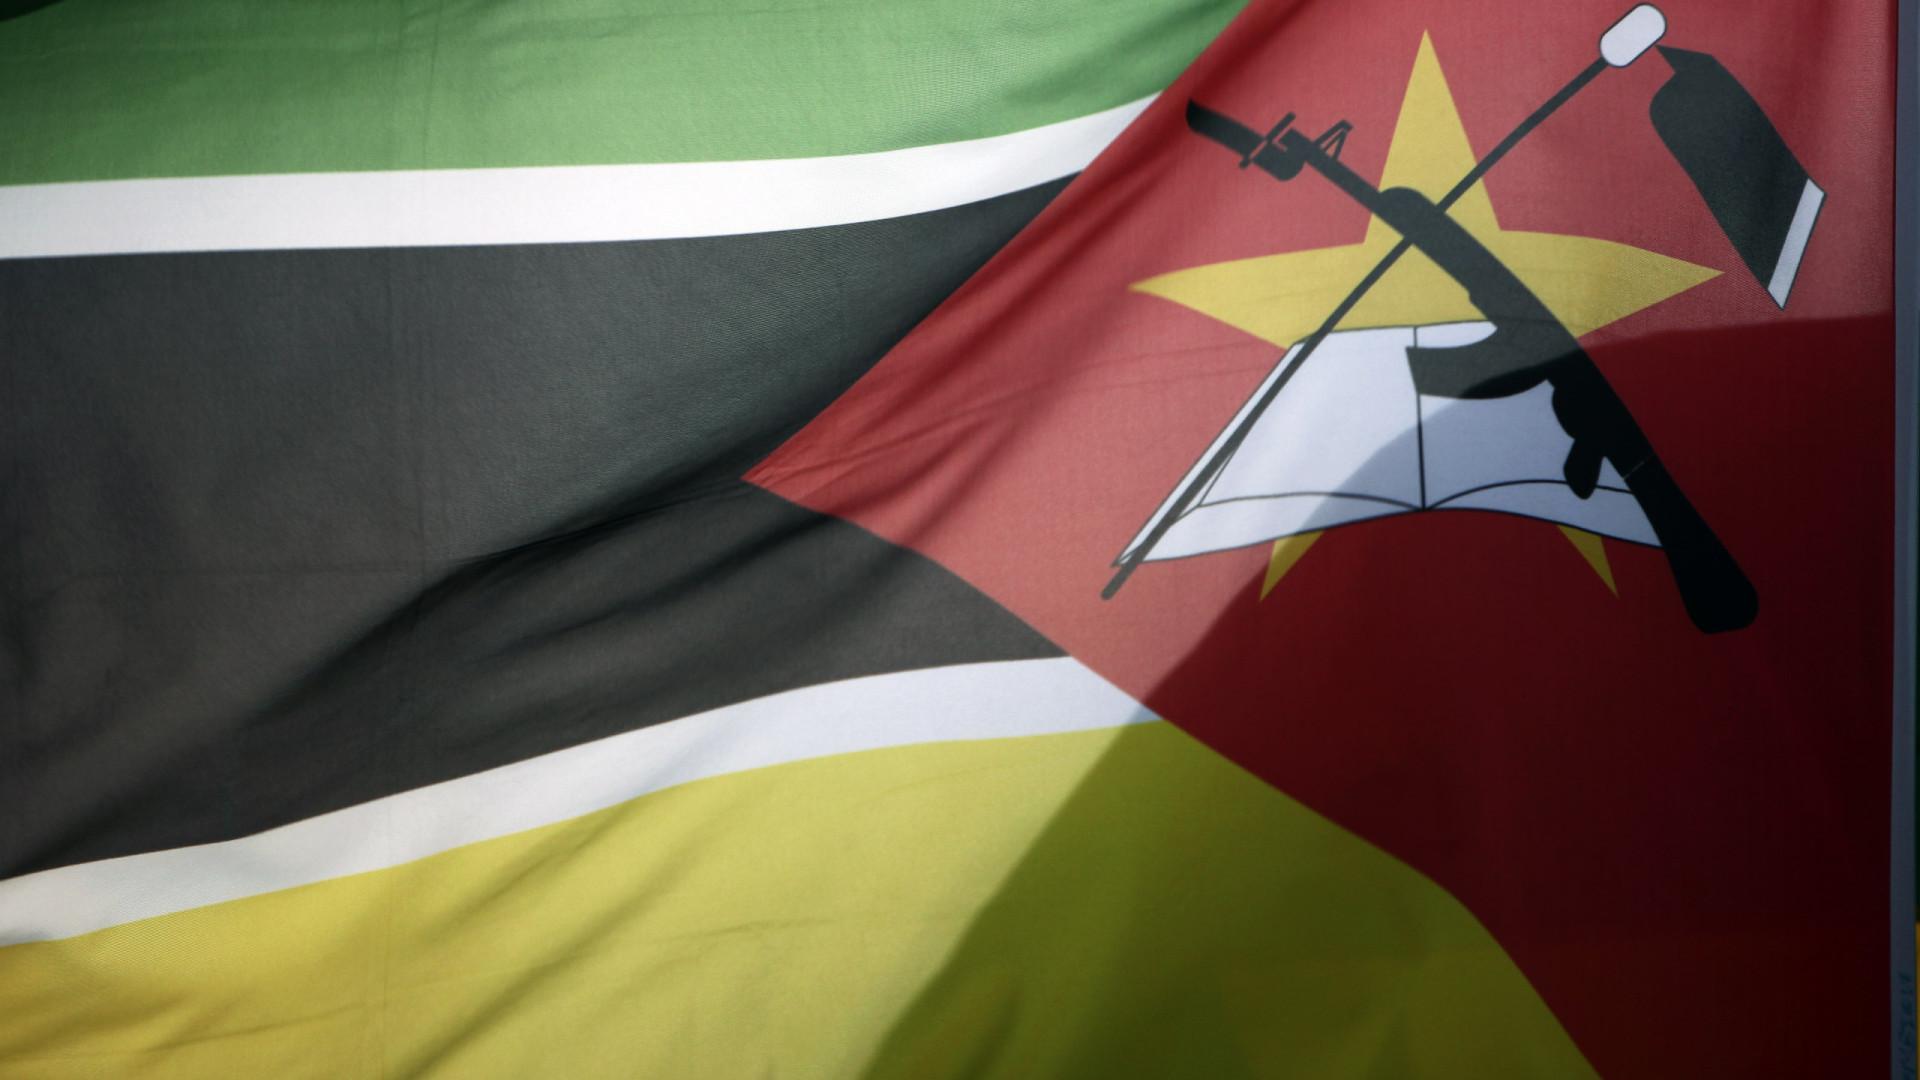 Moçambique: Fisco falha cobrança de impostos por falta de impressos